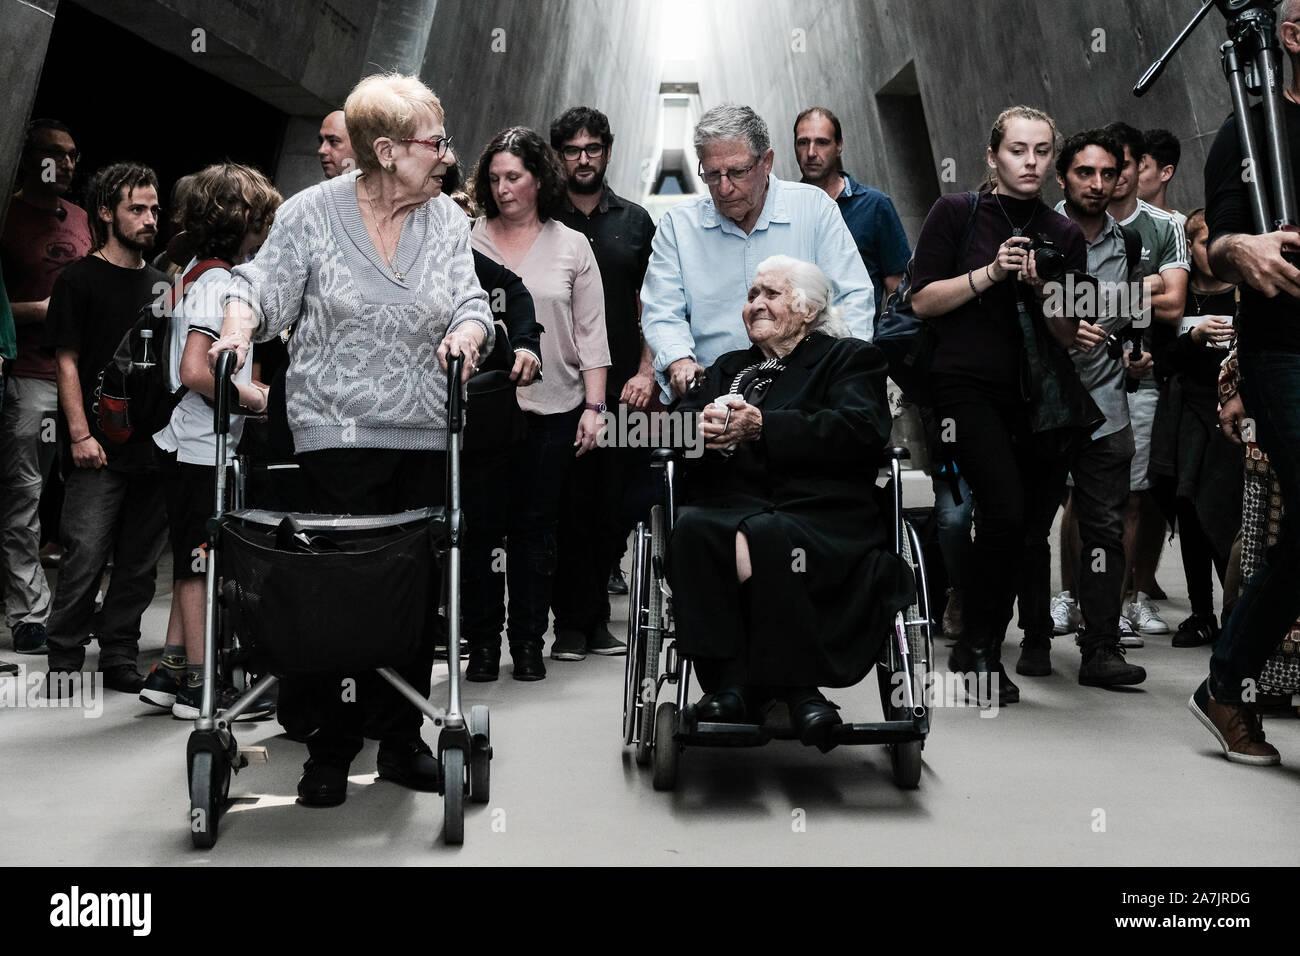 Gerusalemme, Israele. 3 Novembre, 2019. Il greco soccorritore MELPOMENI DINA (R in sedia a rotelle), nee Gianopoulou , 92, ora vive a Salonicco, Grecia, riunisce con SARAH YANAI anteriore (L), nee Mordechai, 86, YOSSI MOR (spingendo sedia a rotelle), precedentemente Mordechai, 77, e 40 dei loro discendenti per la prima volta dalla Seconda Guerra Mondiale. Con l'invasione nazista della Grecia la famiglia Gianopoulou ha preso la famiglia Mordechai nella loro casa in Veria, a ovest di Salonicco, e forniti per loro per oltre due anni, shairng le loro razioni alimentari nonostante il rischio. Credito: Nir Alon/Alamy Live News Foto Stock